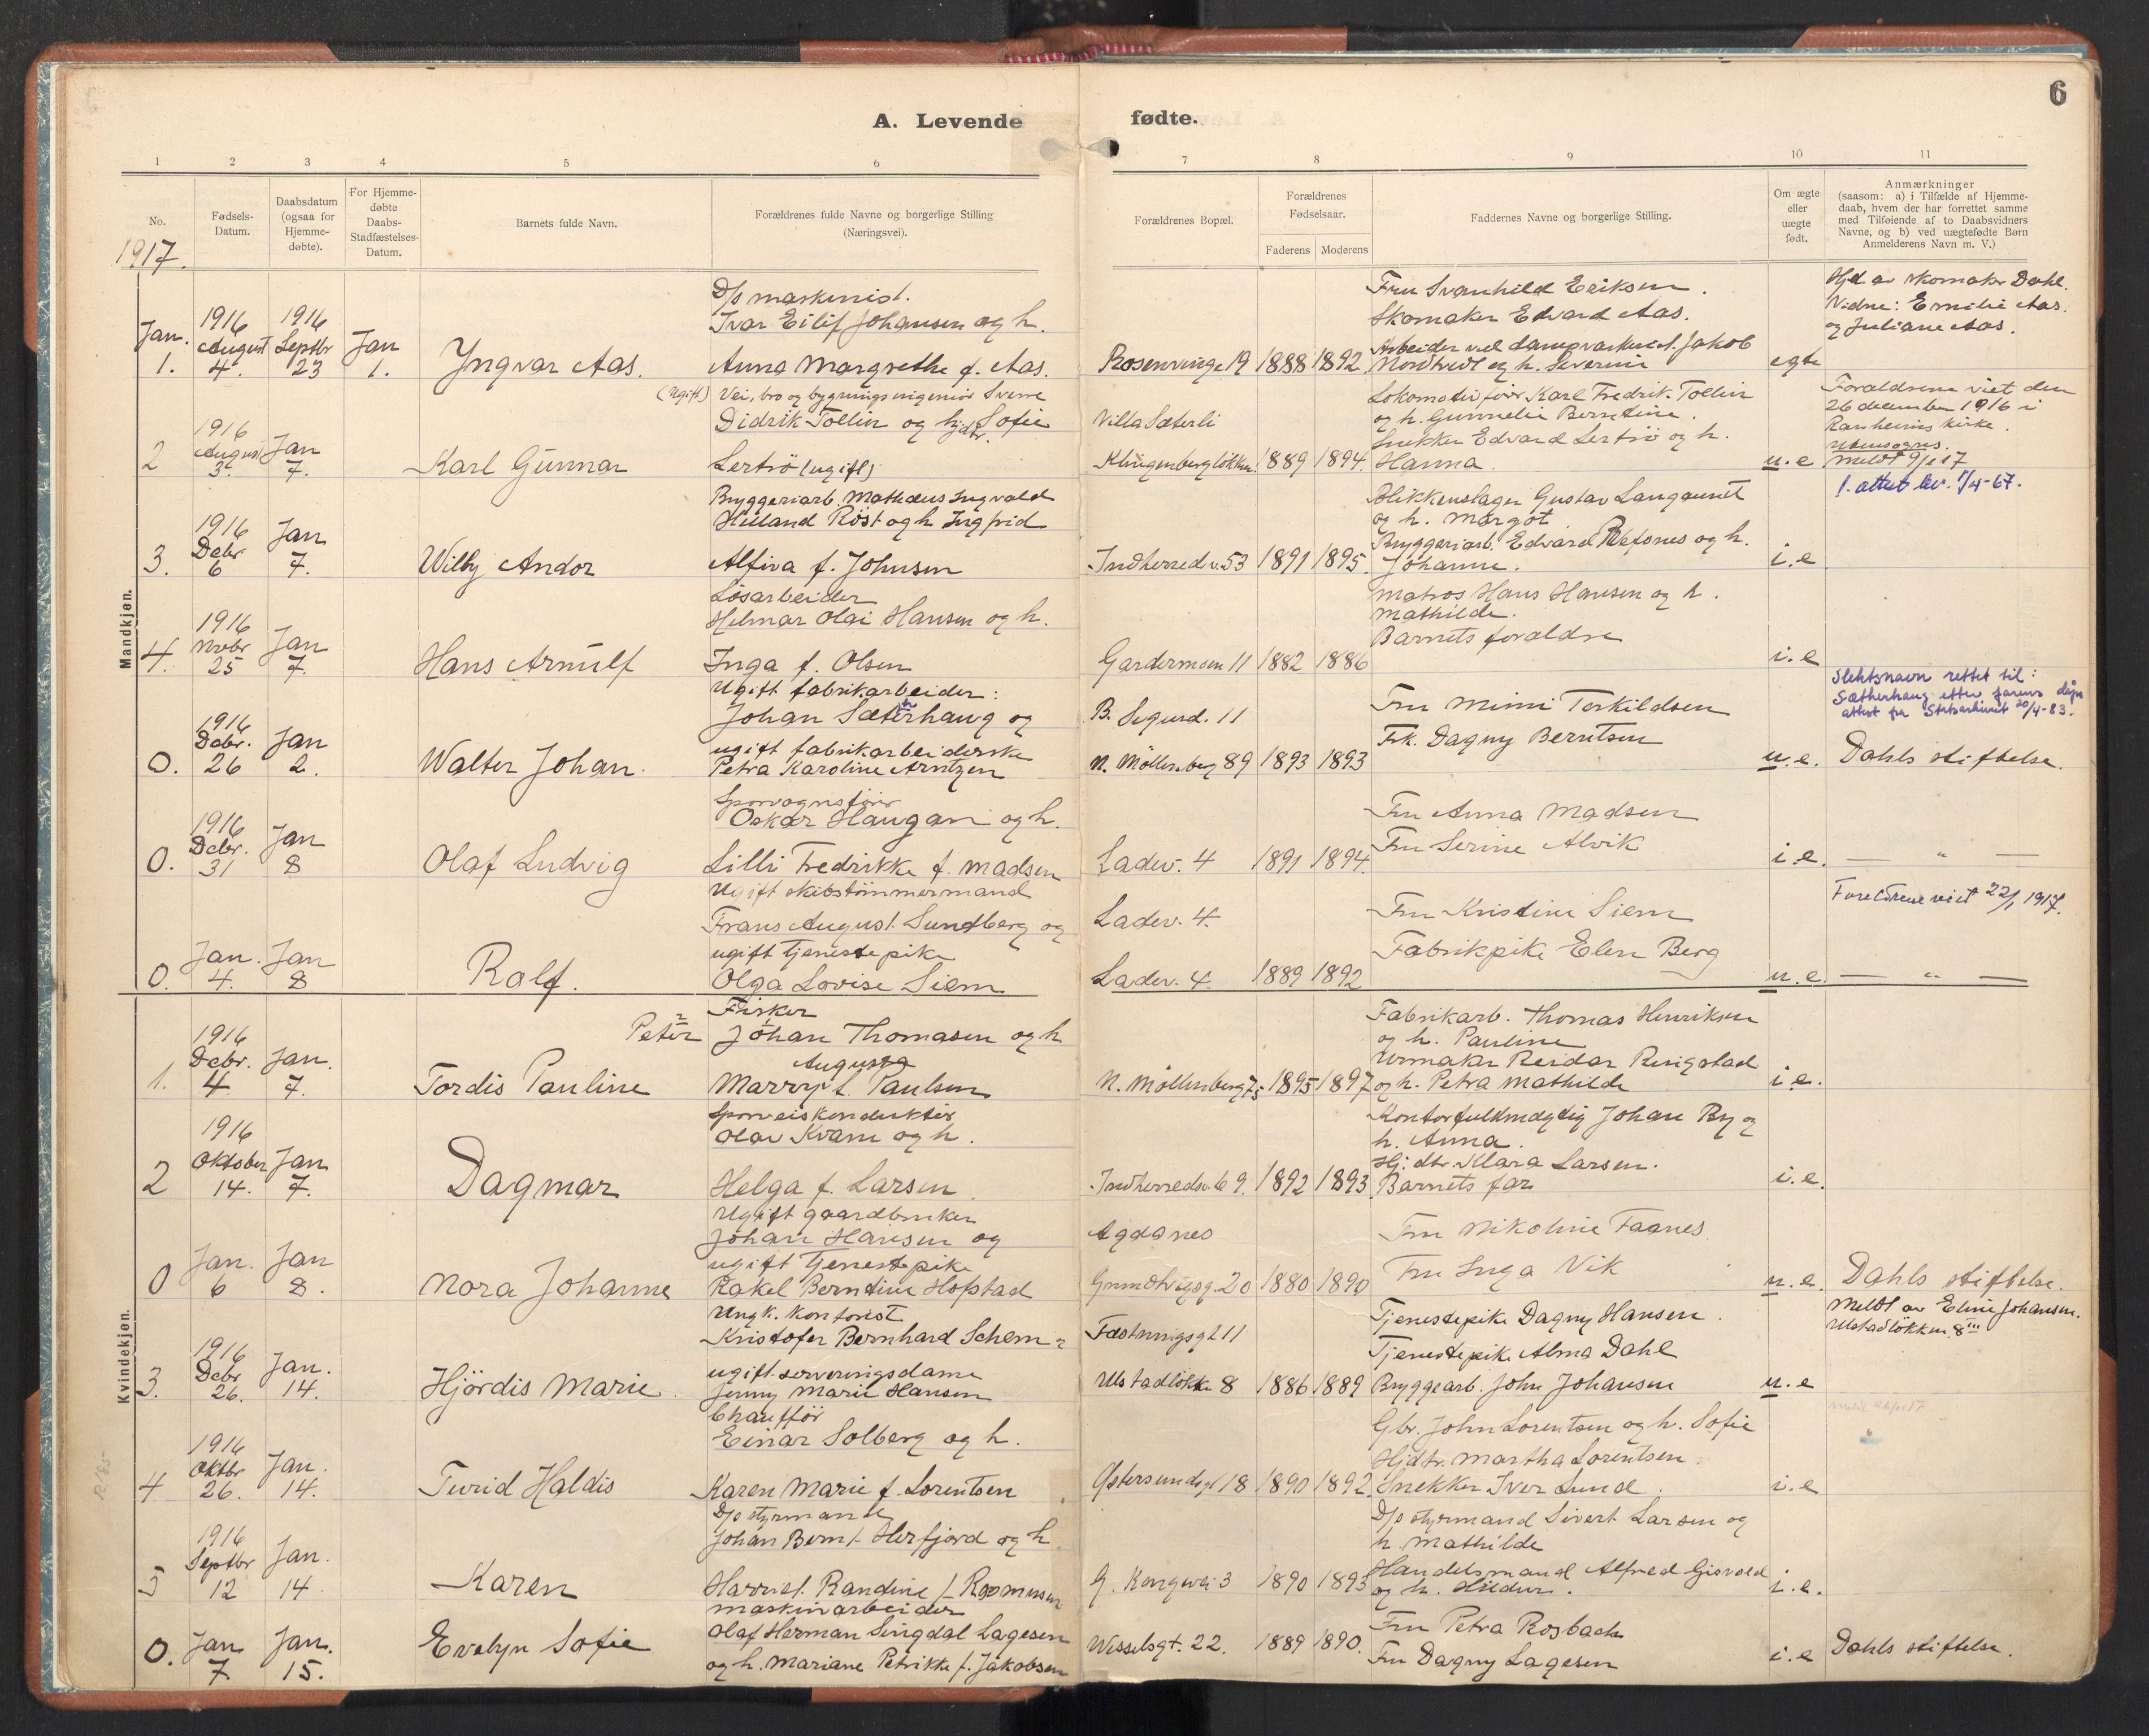 SAT, Ministerialprotokoller, klokkerbøker og fødselsregistre - Sør-Trøndelag, 605/L0246: Ministerialbok nr. 605A08, 1916-1920, s. 6